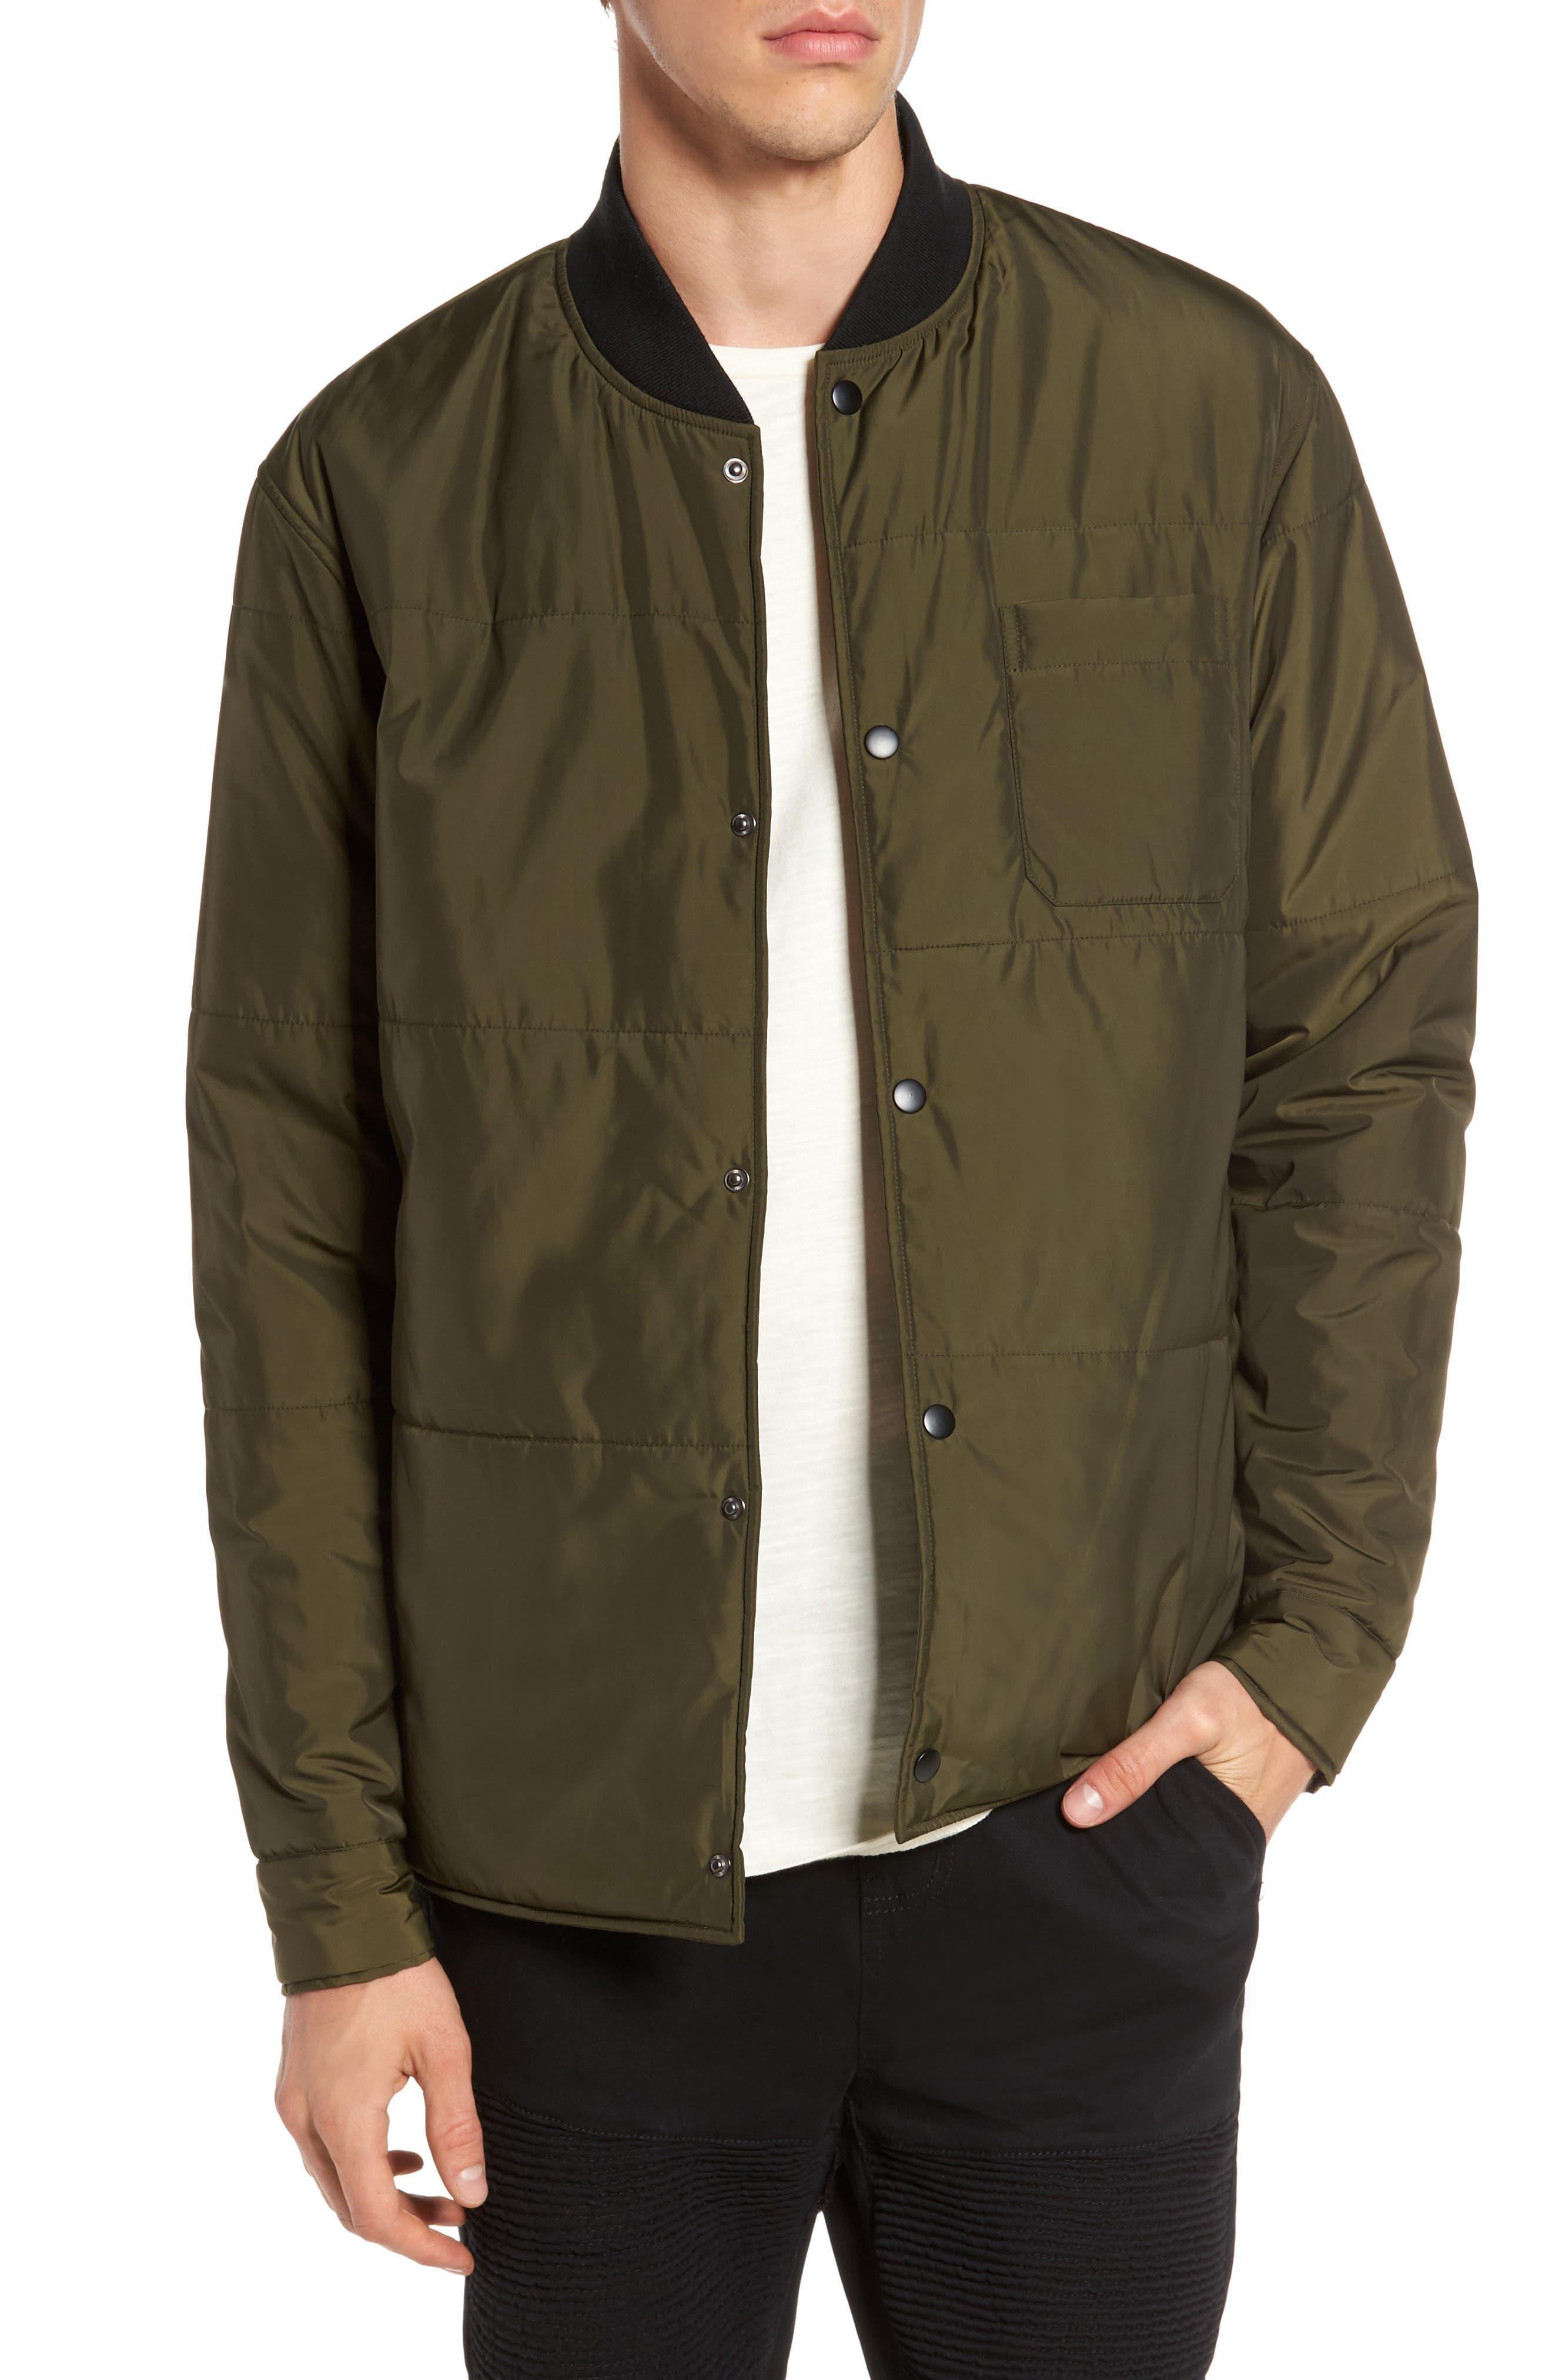 Main Image - Lira Clothing Bundy Bomber Jacket